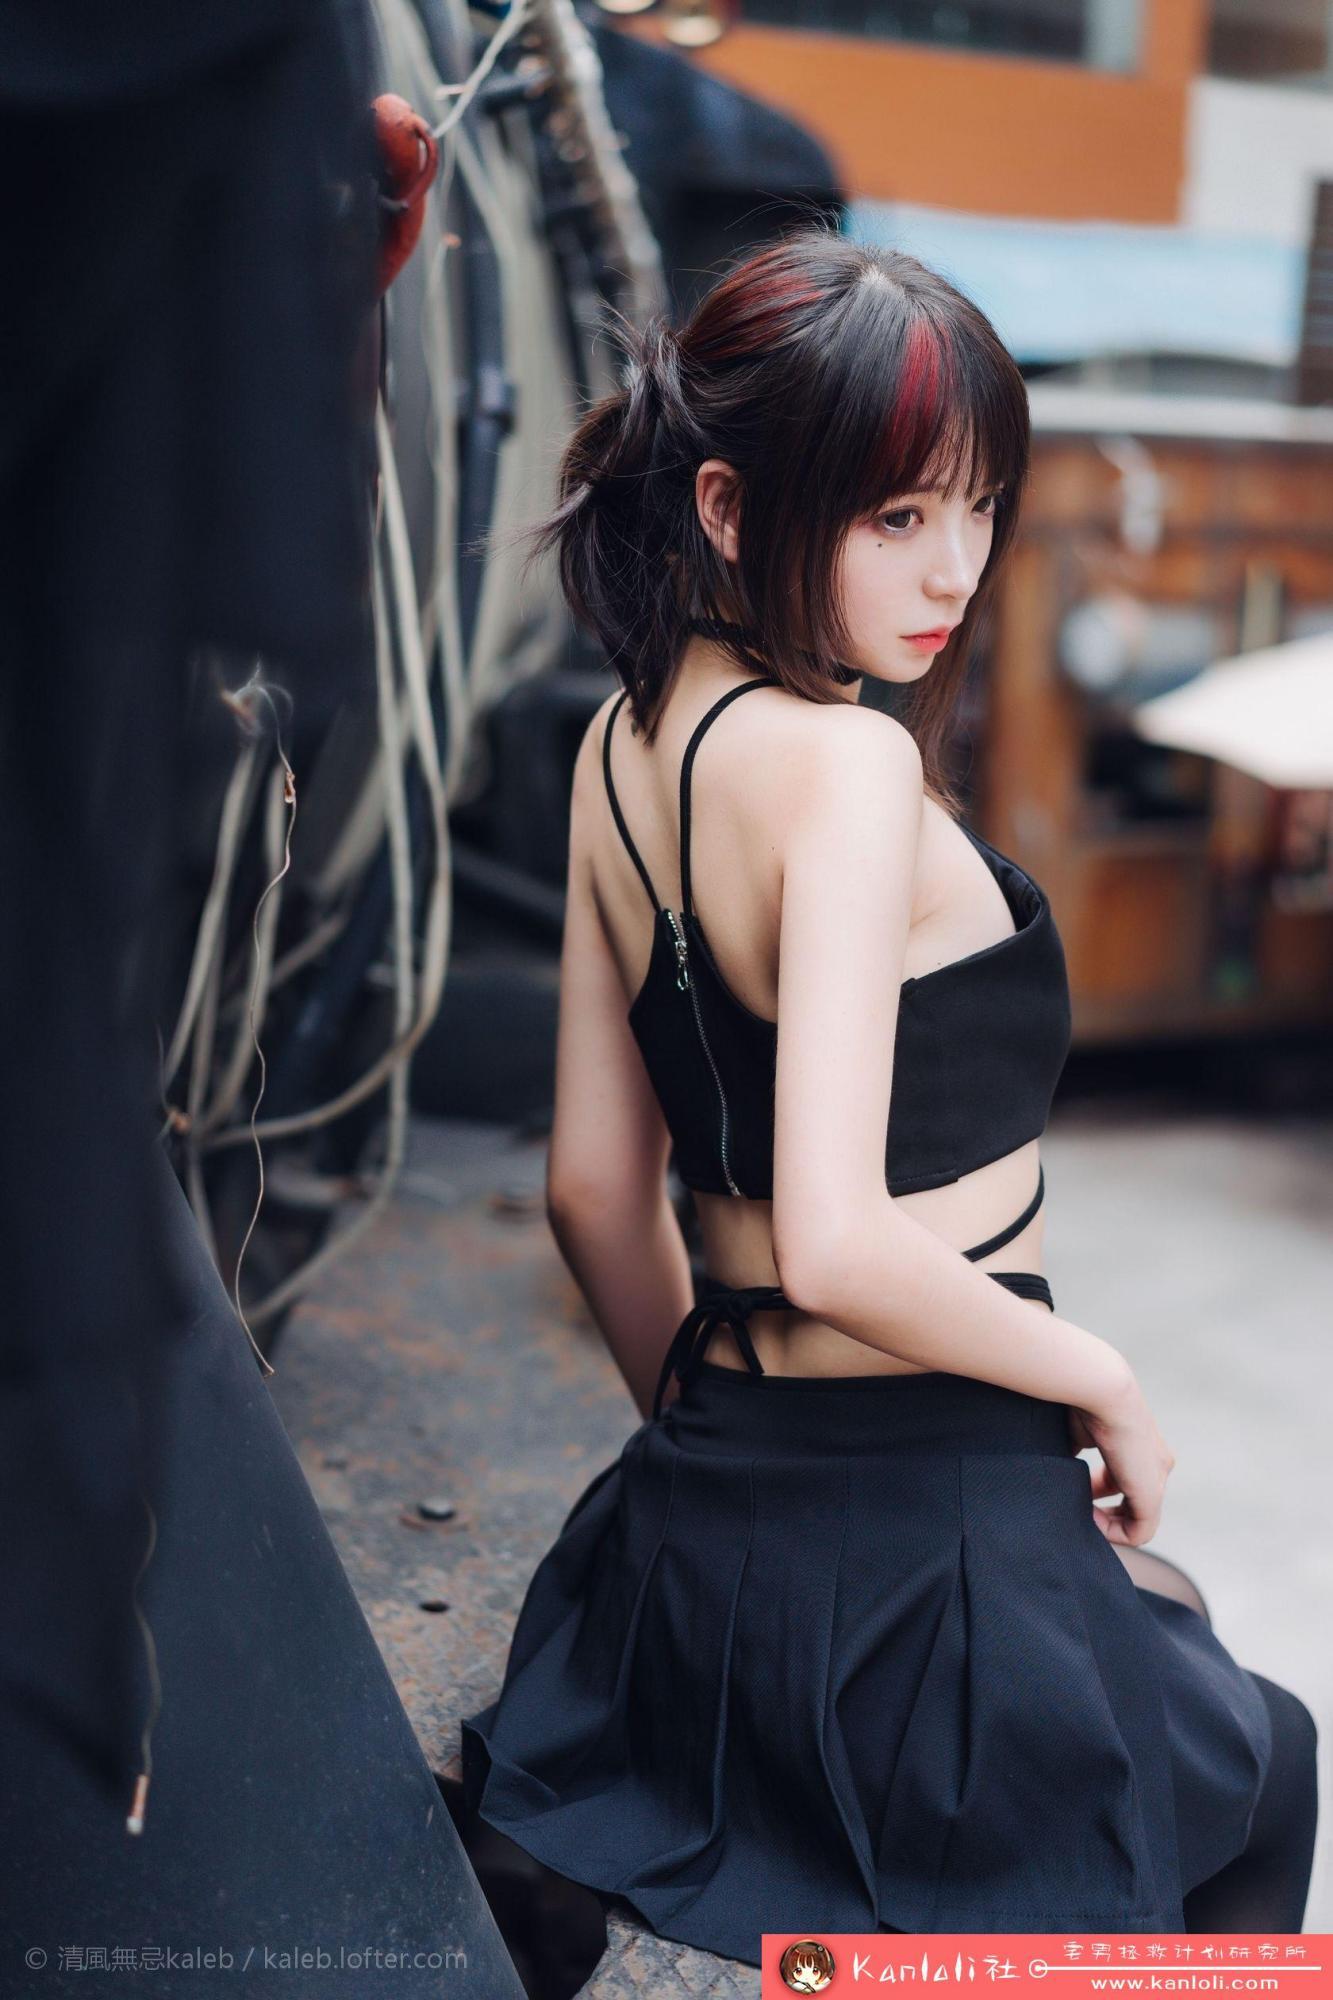 【疯猫ss】疯猫ss写真-FM-019 黑丝复古萝莉 [19P]